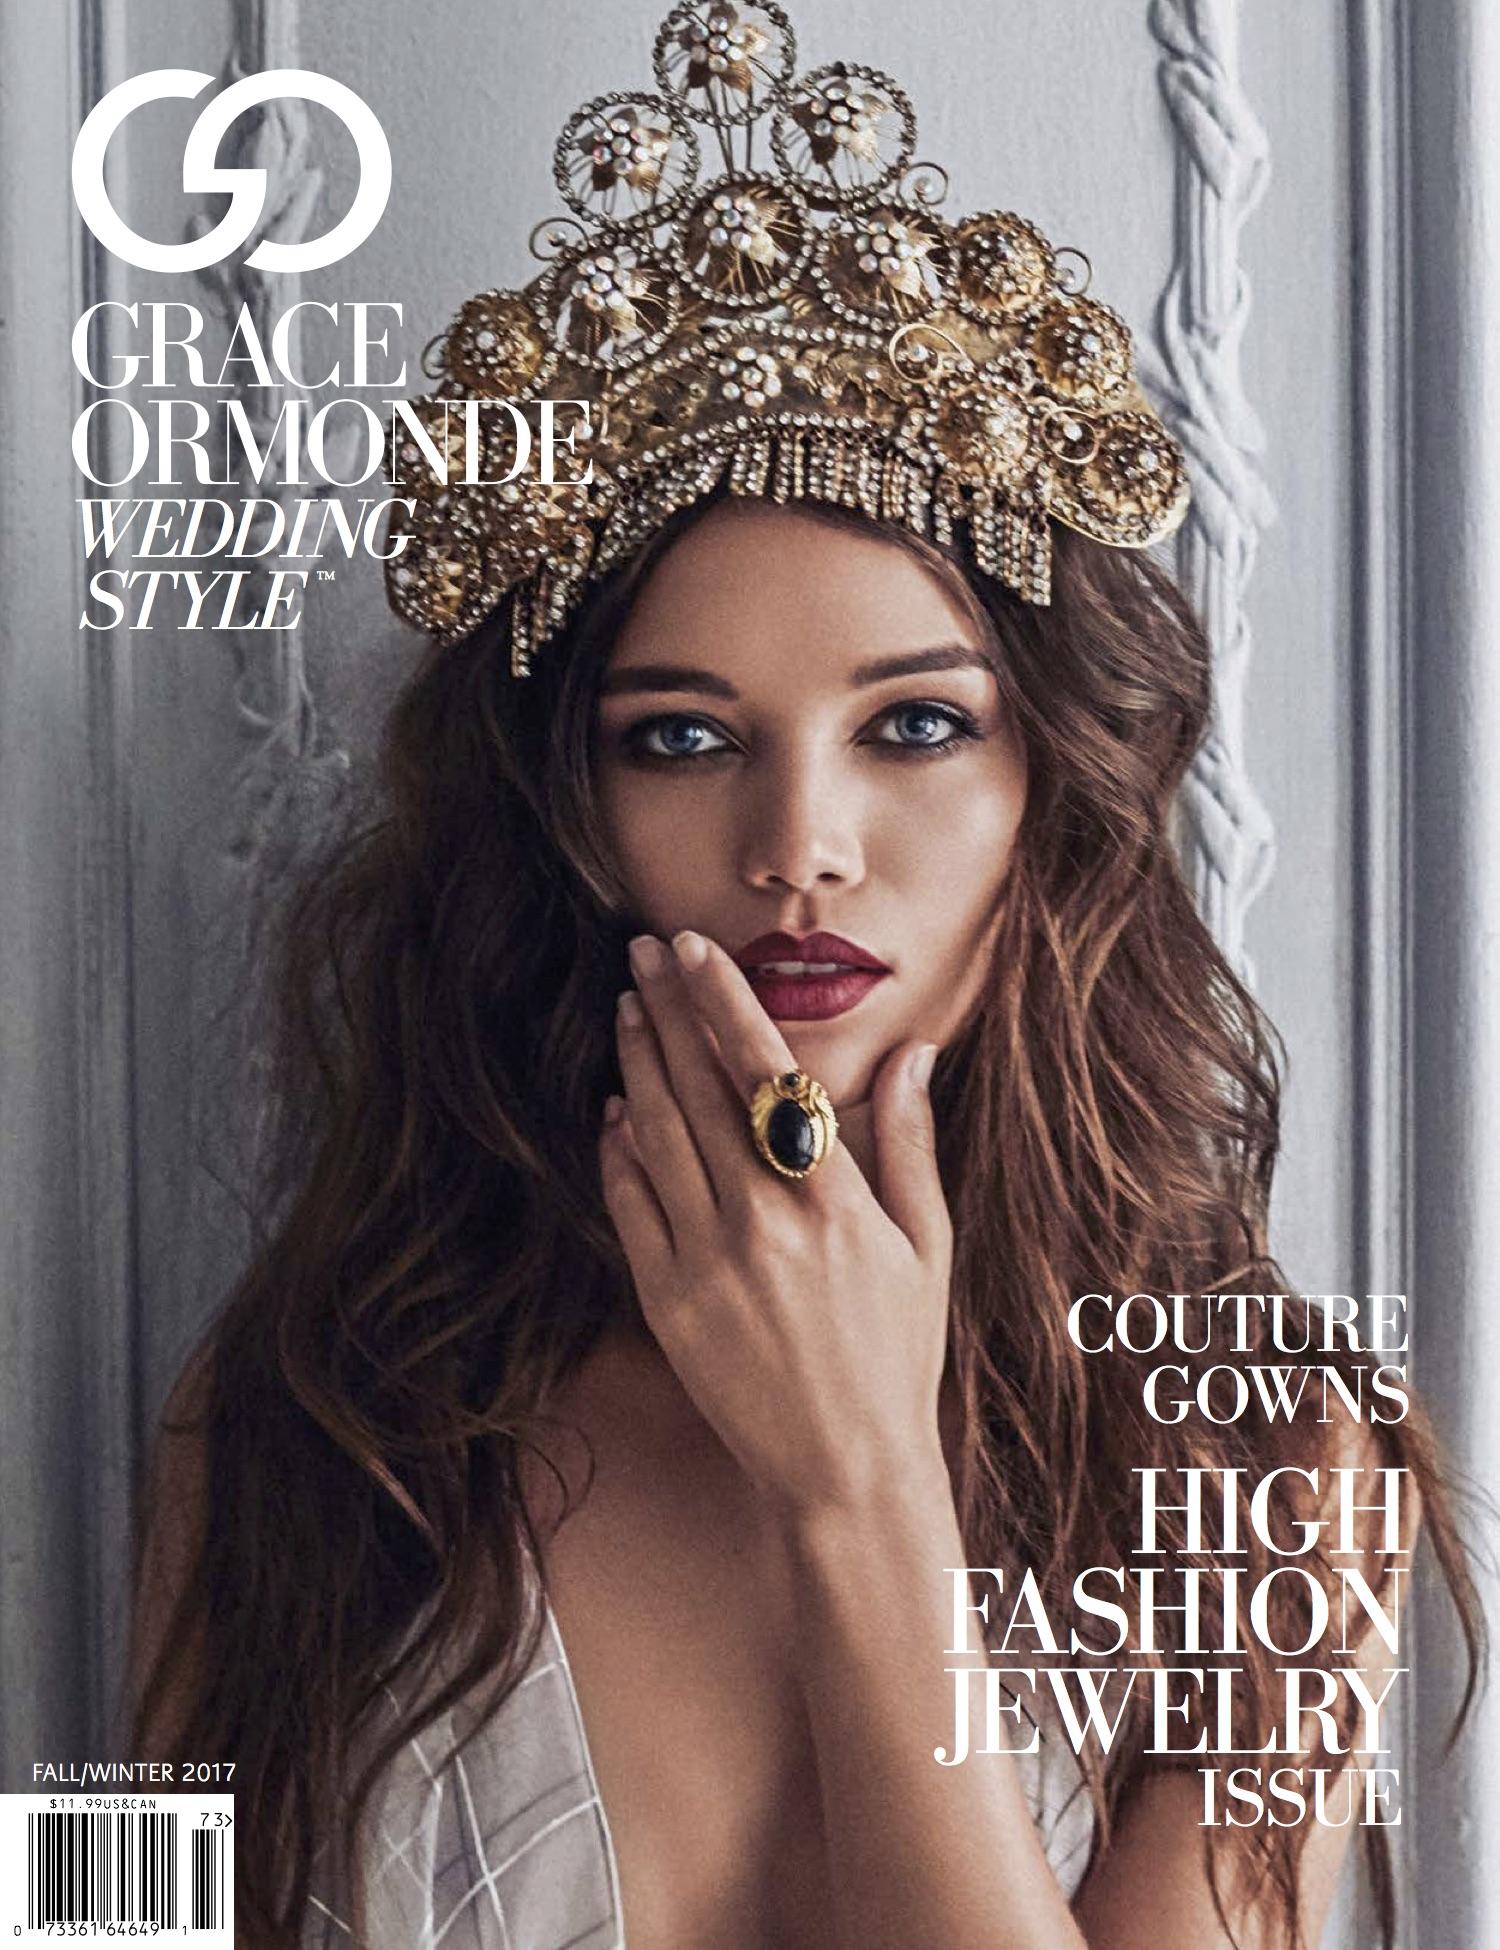 Grace Ormonde Magazine Fall 2017 cover